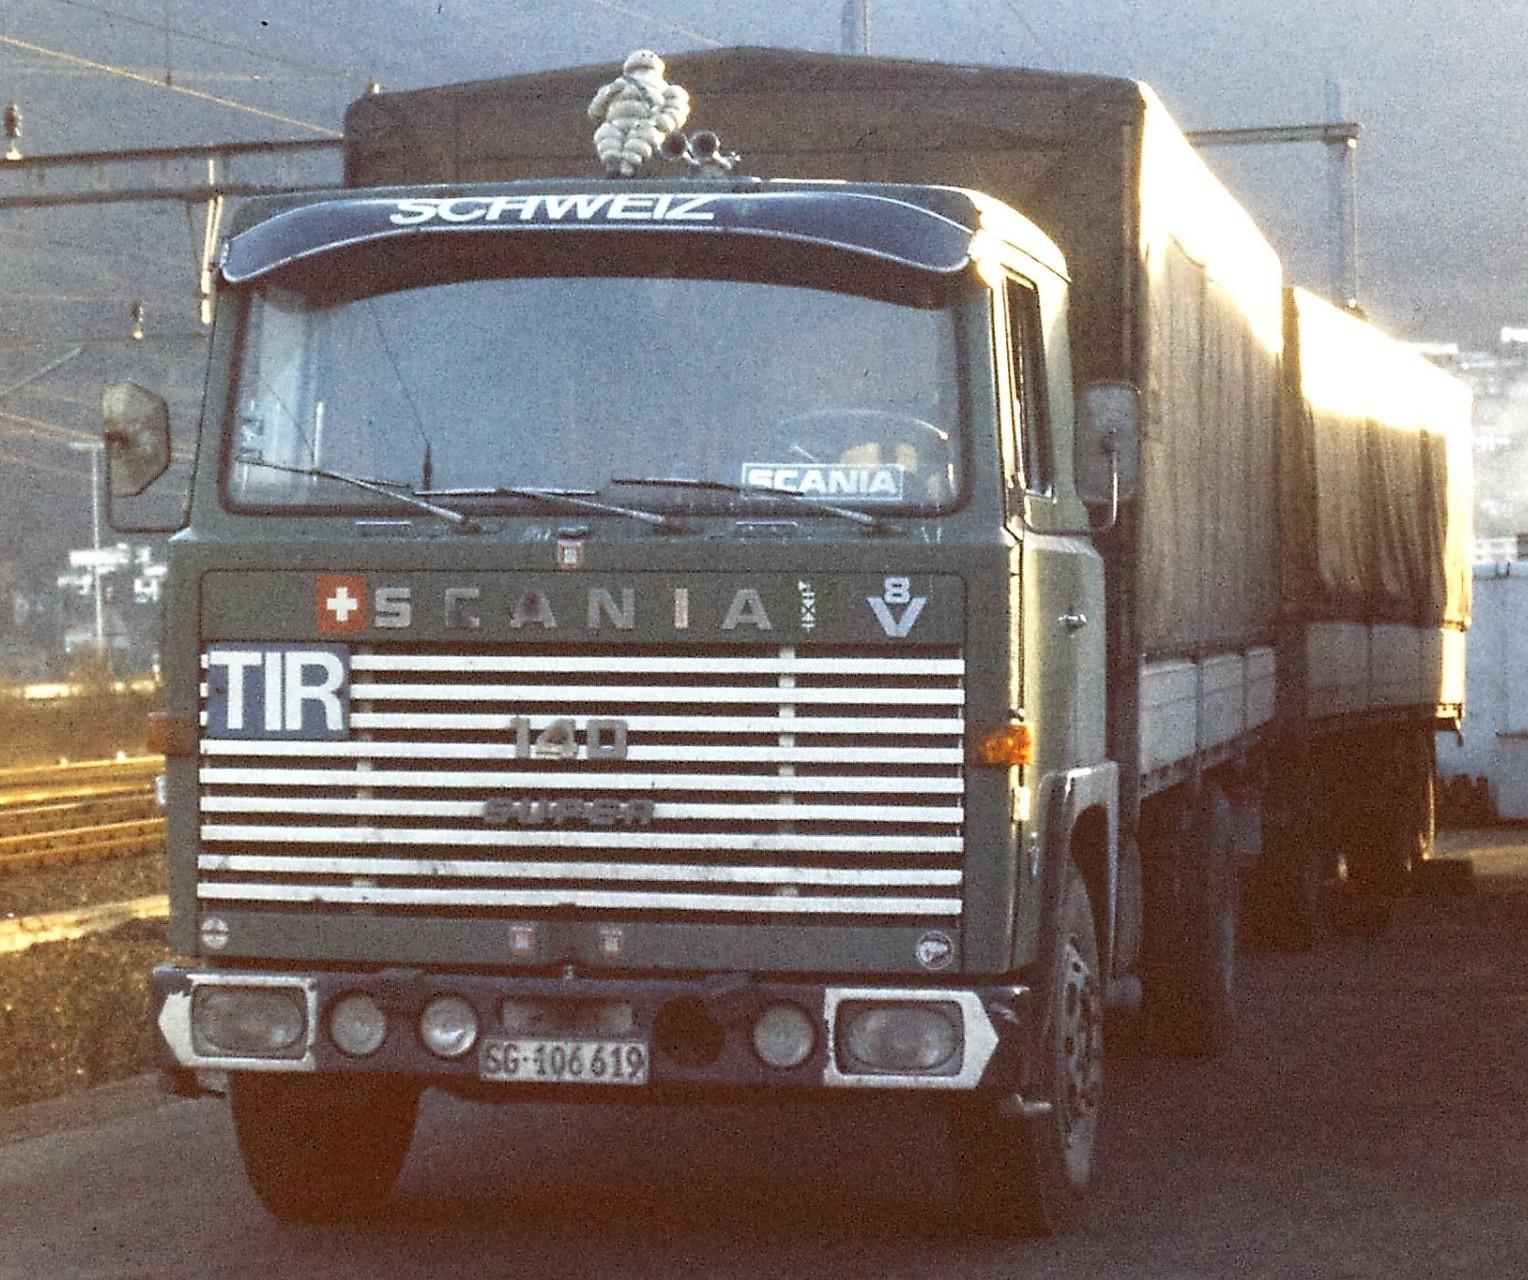 Scania 140 S mit Kögel 3 Achs Anhänger. Beim Hupac Verladebahnhof in Melide